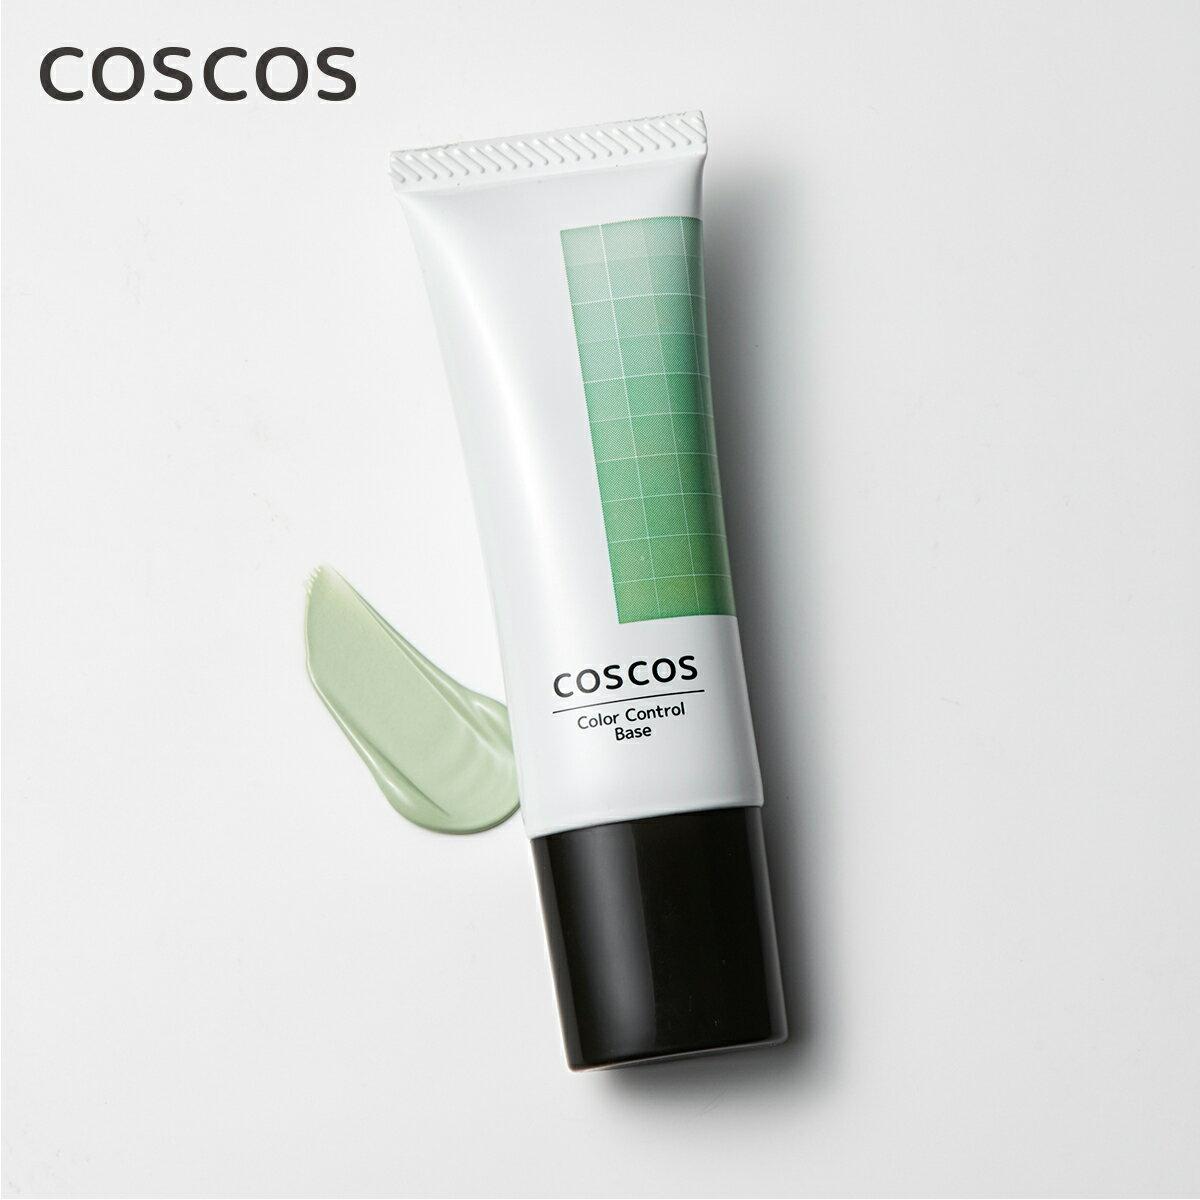 COSCOS コスプレ用 カラーコントロールベース(ミントグリーン) コスコス こすこす コスプレイヤー コスプレ メイク 化粧下地 メイク下地 コスプレイヤー[リベルタ]